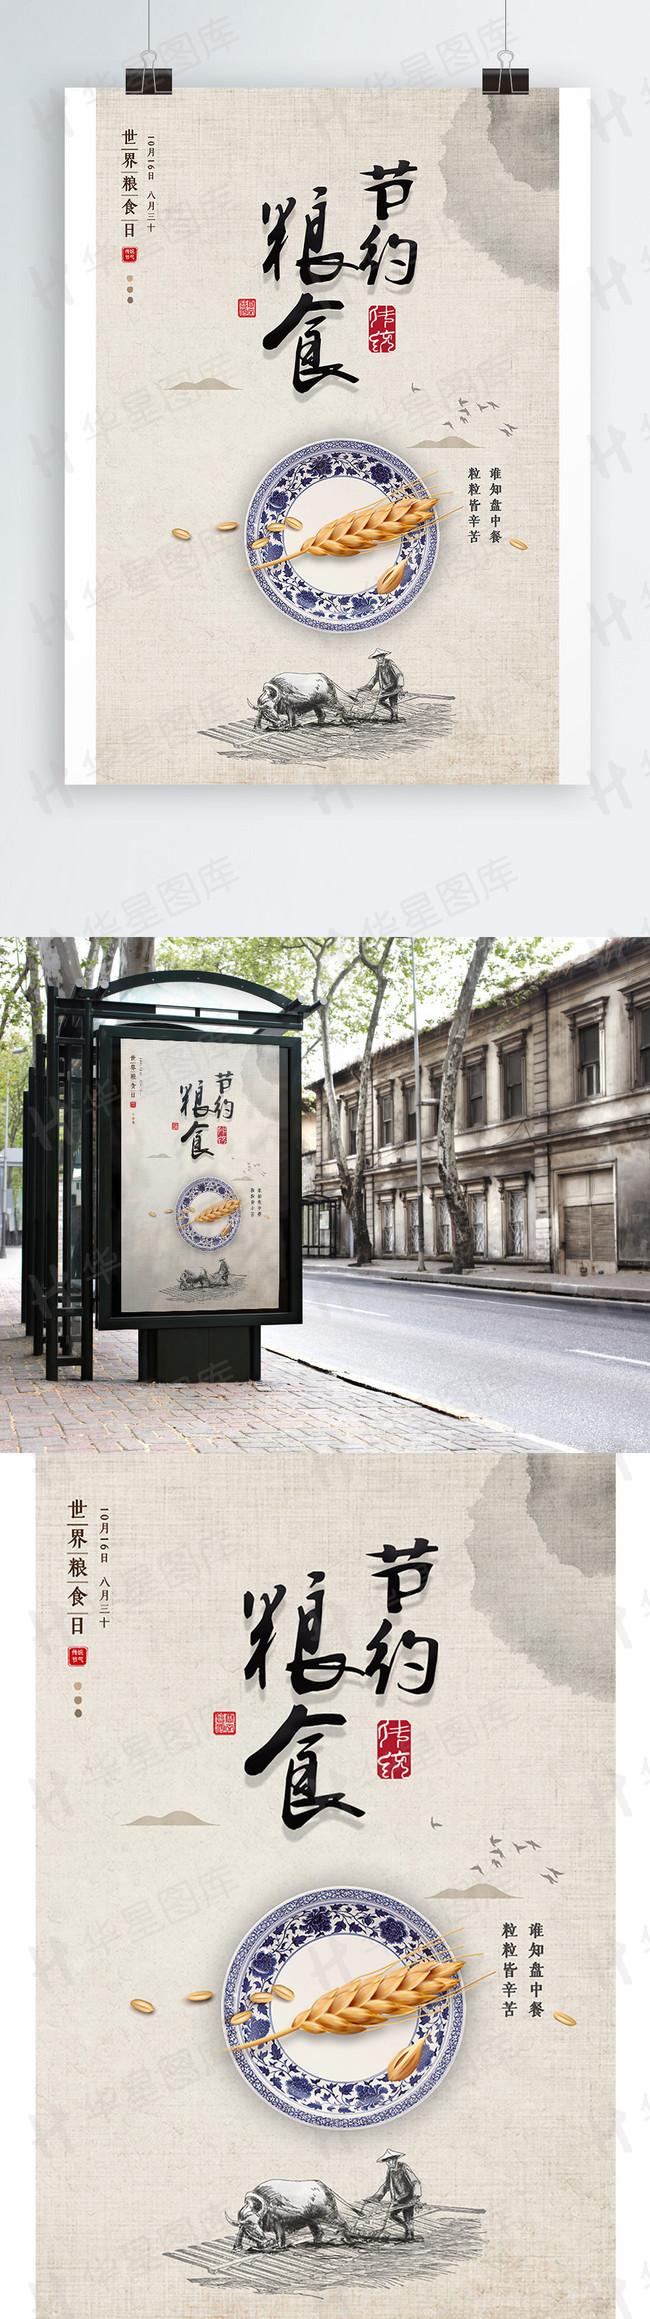 中国风简约世界粮食日海报